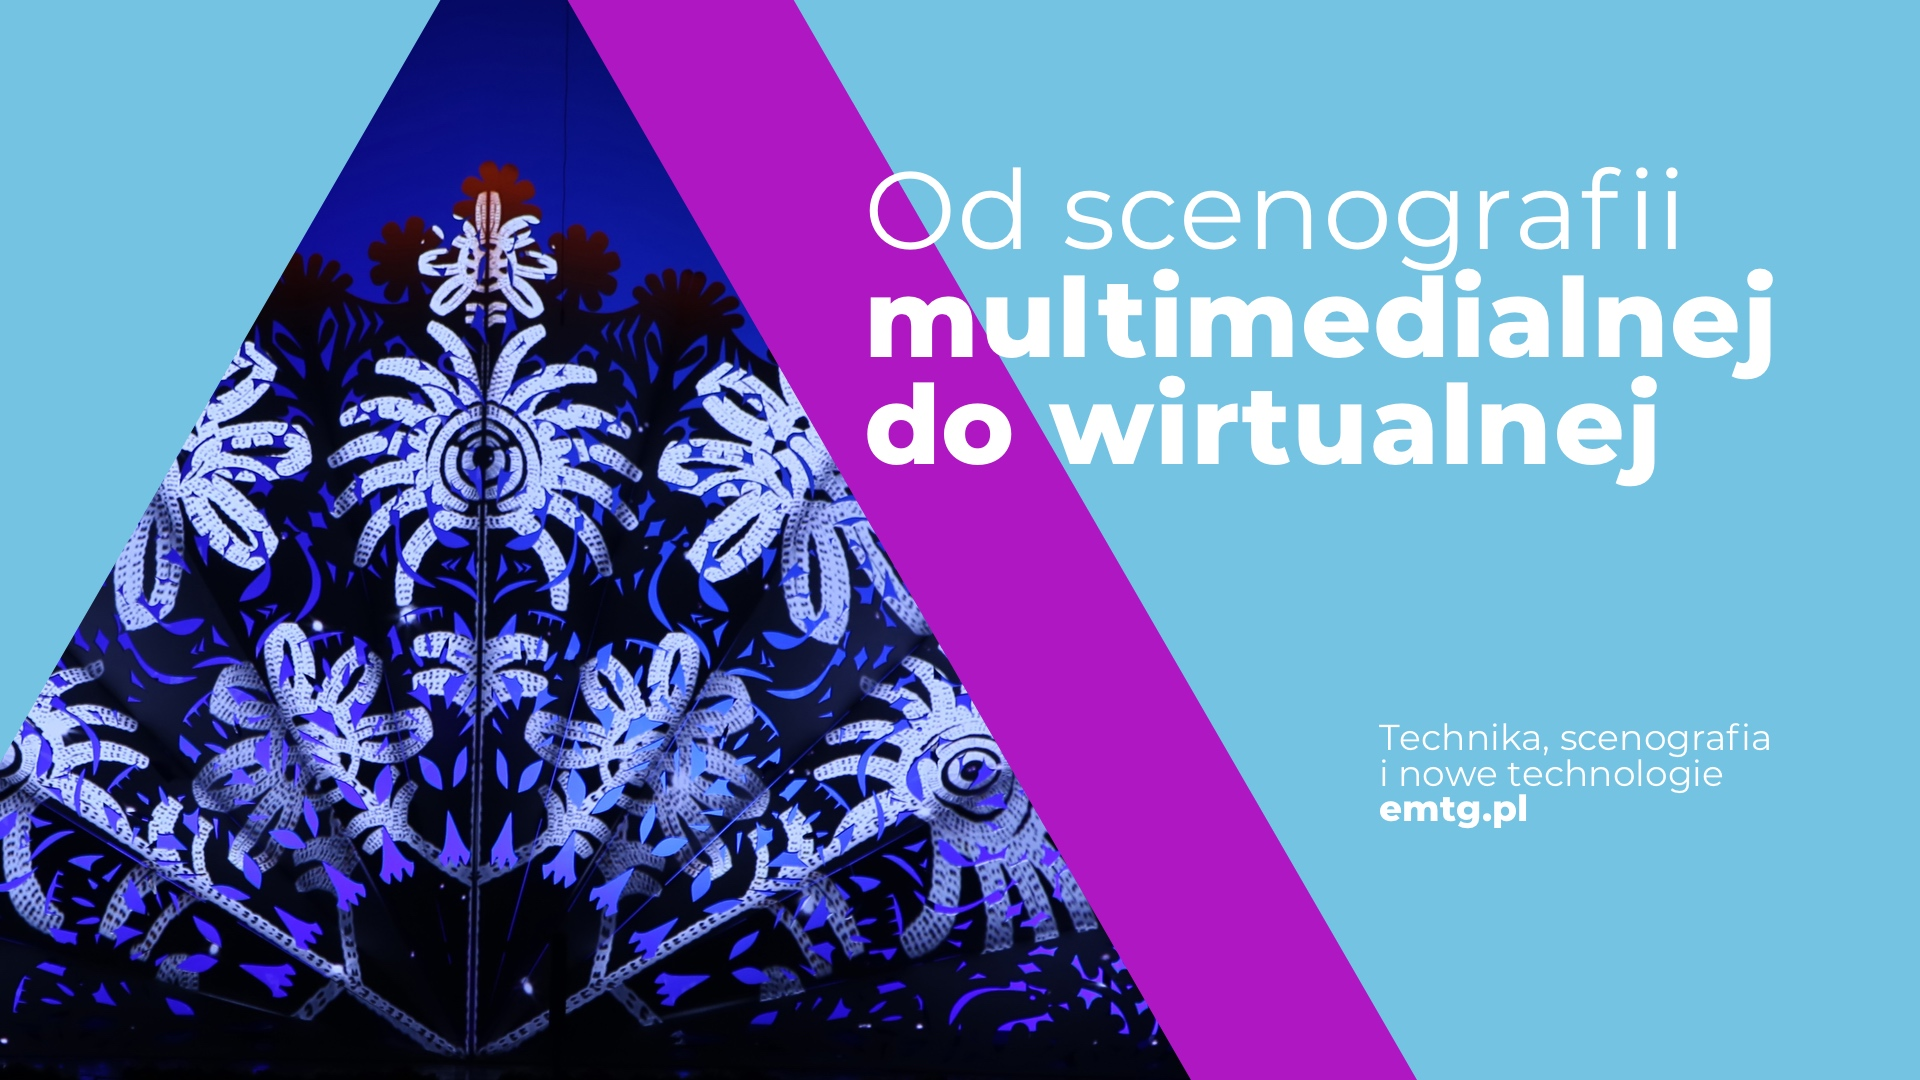 Od scenografii multimedialnej do wirtualnej, czyli jak używać techniki do budowania klimatu.